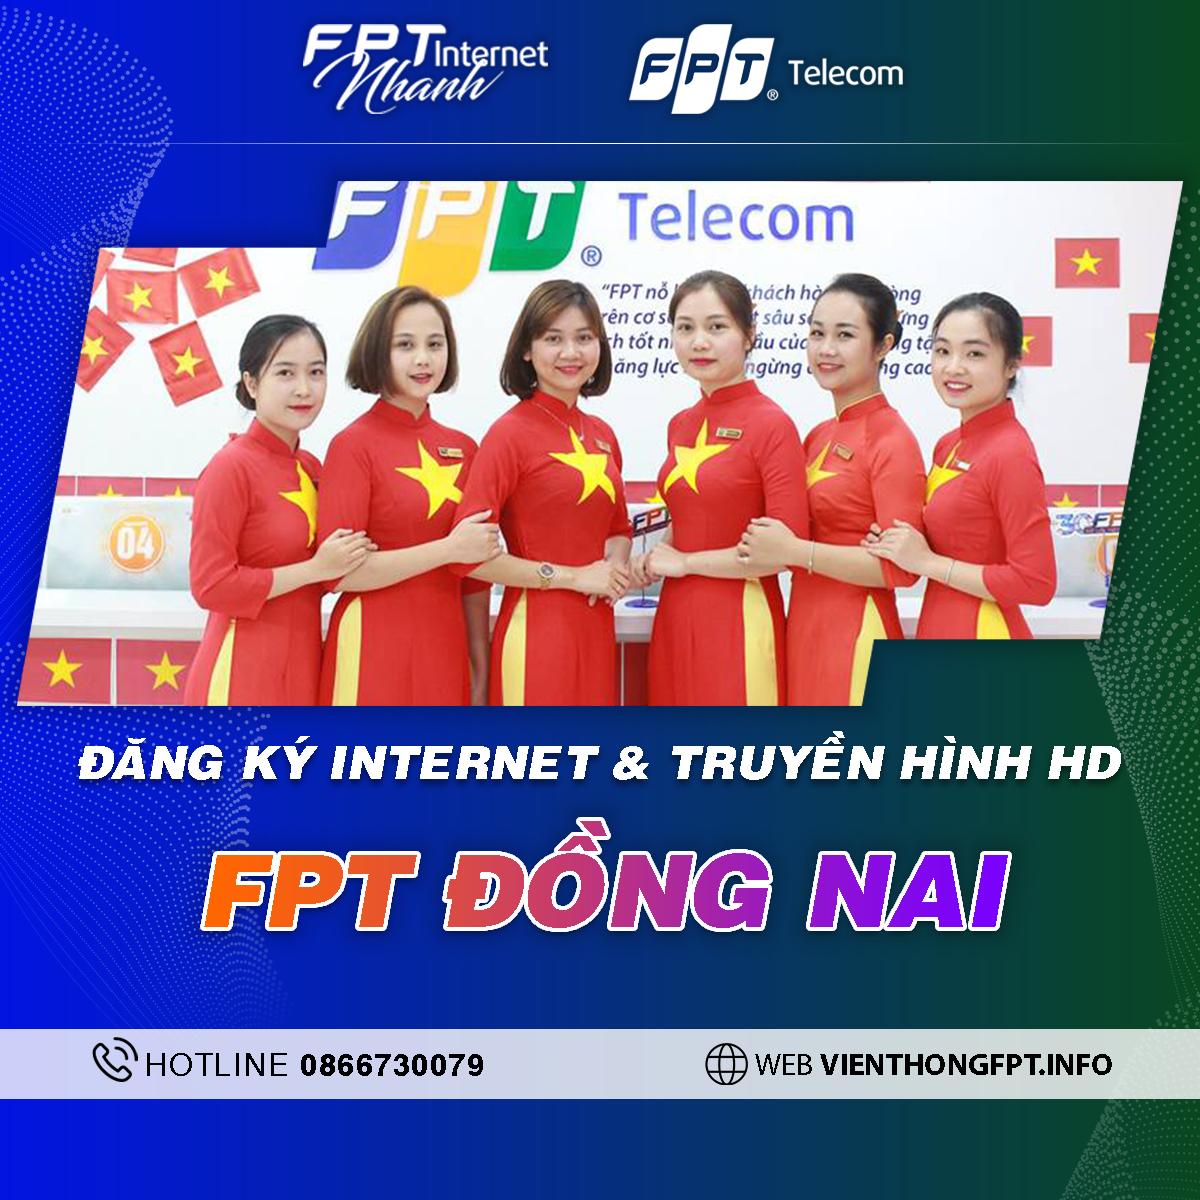 Chi nhánh FPT Đồng Nai - Tổng đài lắp Internet và Truyền hình FPT